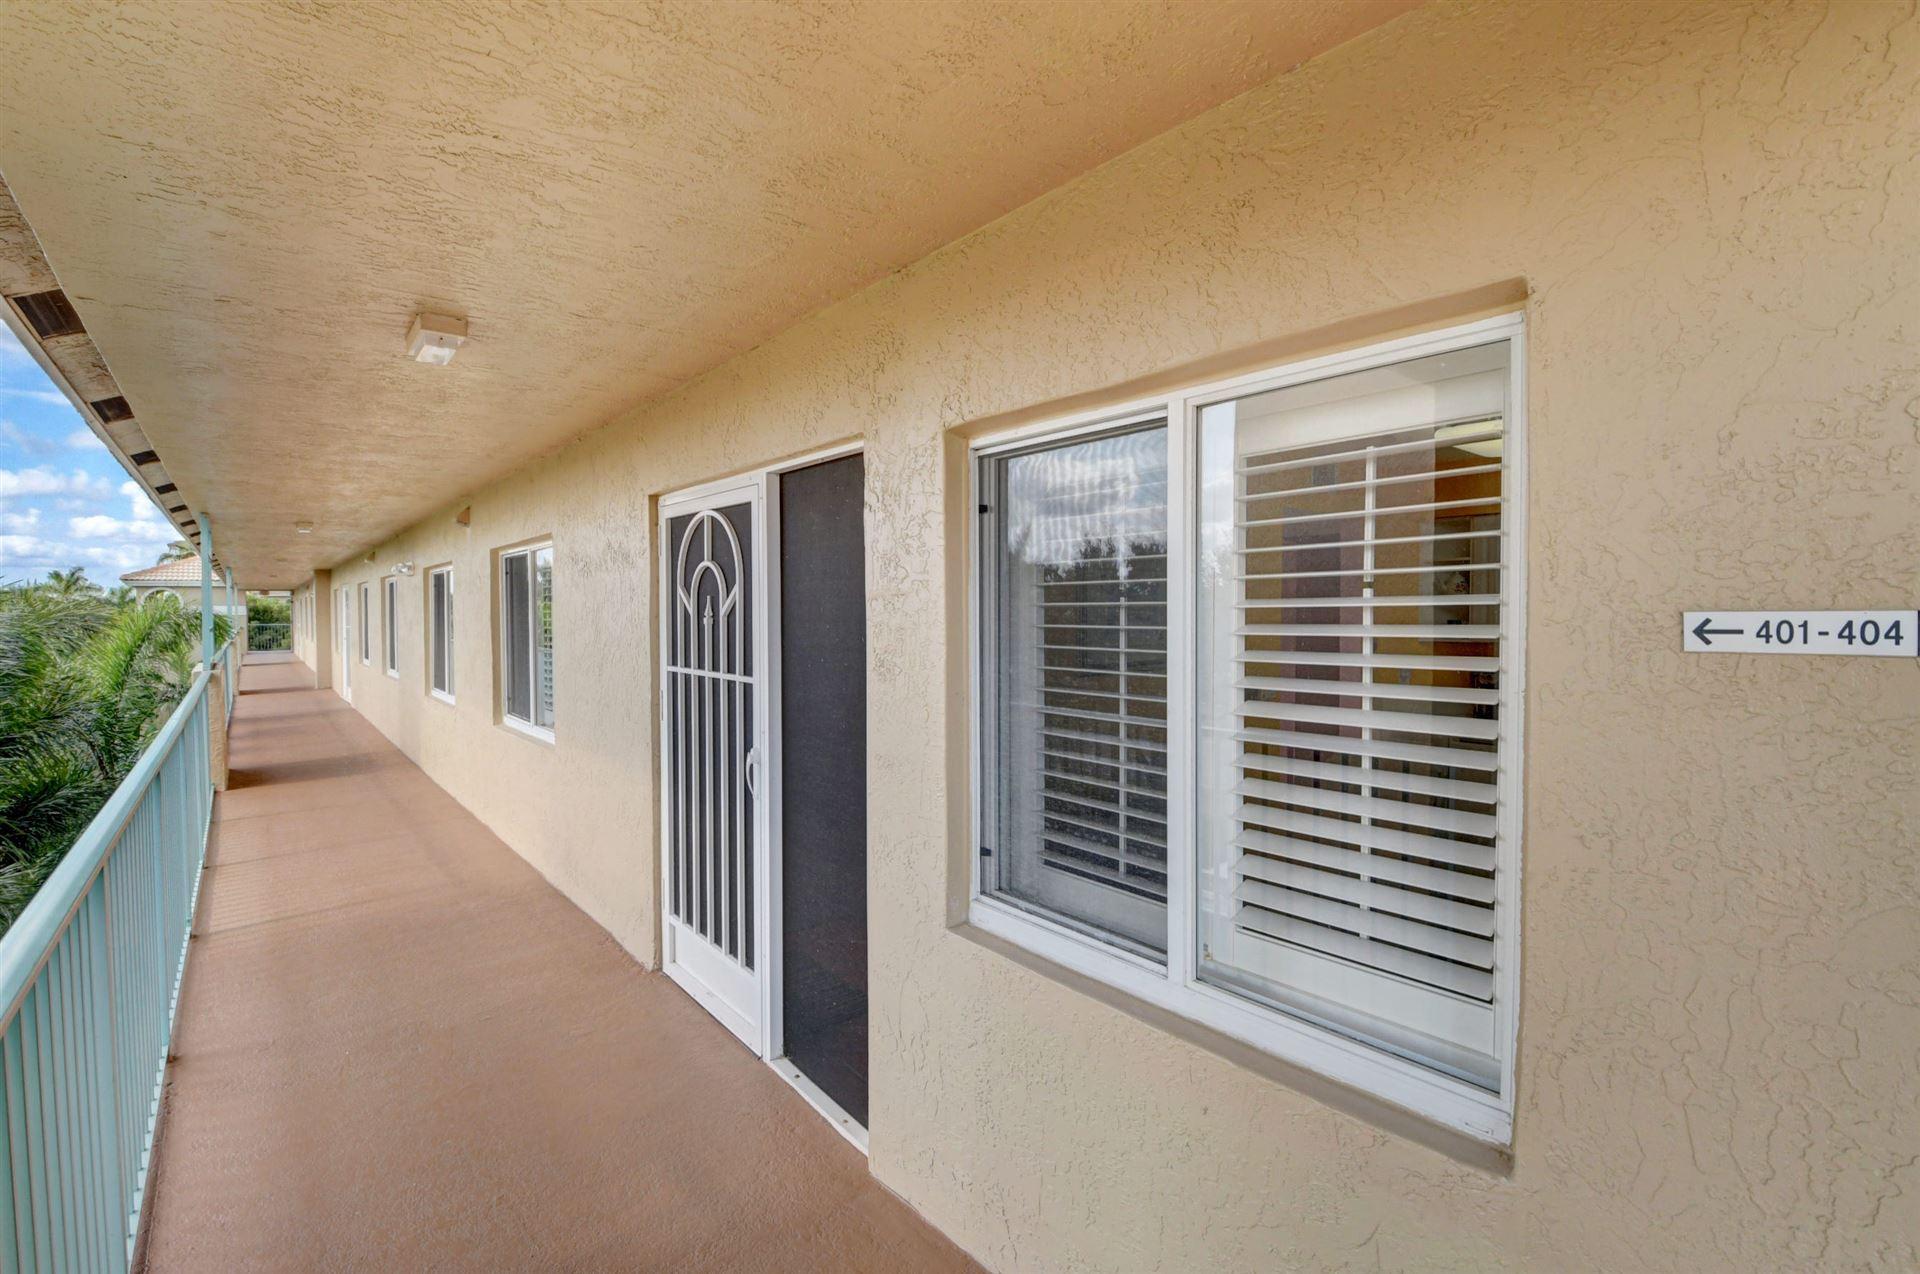 5749 Gemstone Court #404, Boynton Beach, FL 33437 - #: RX-10684060